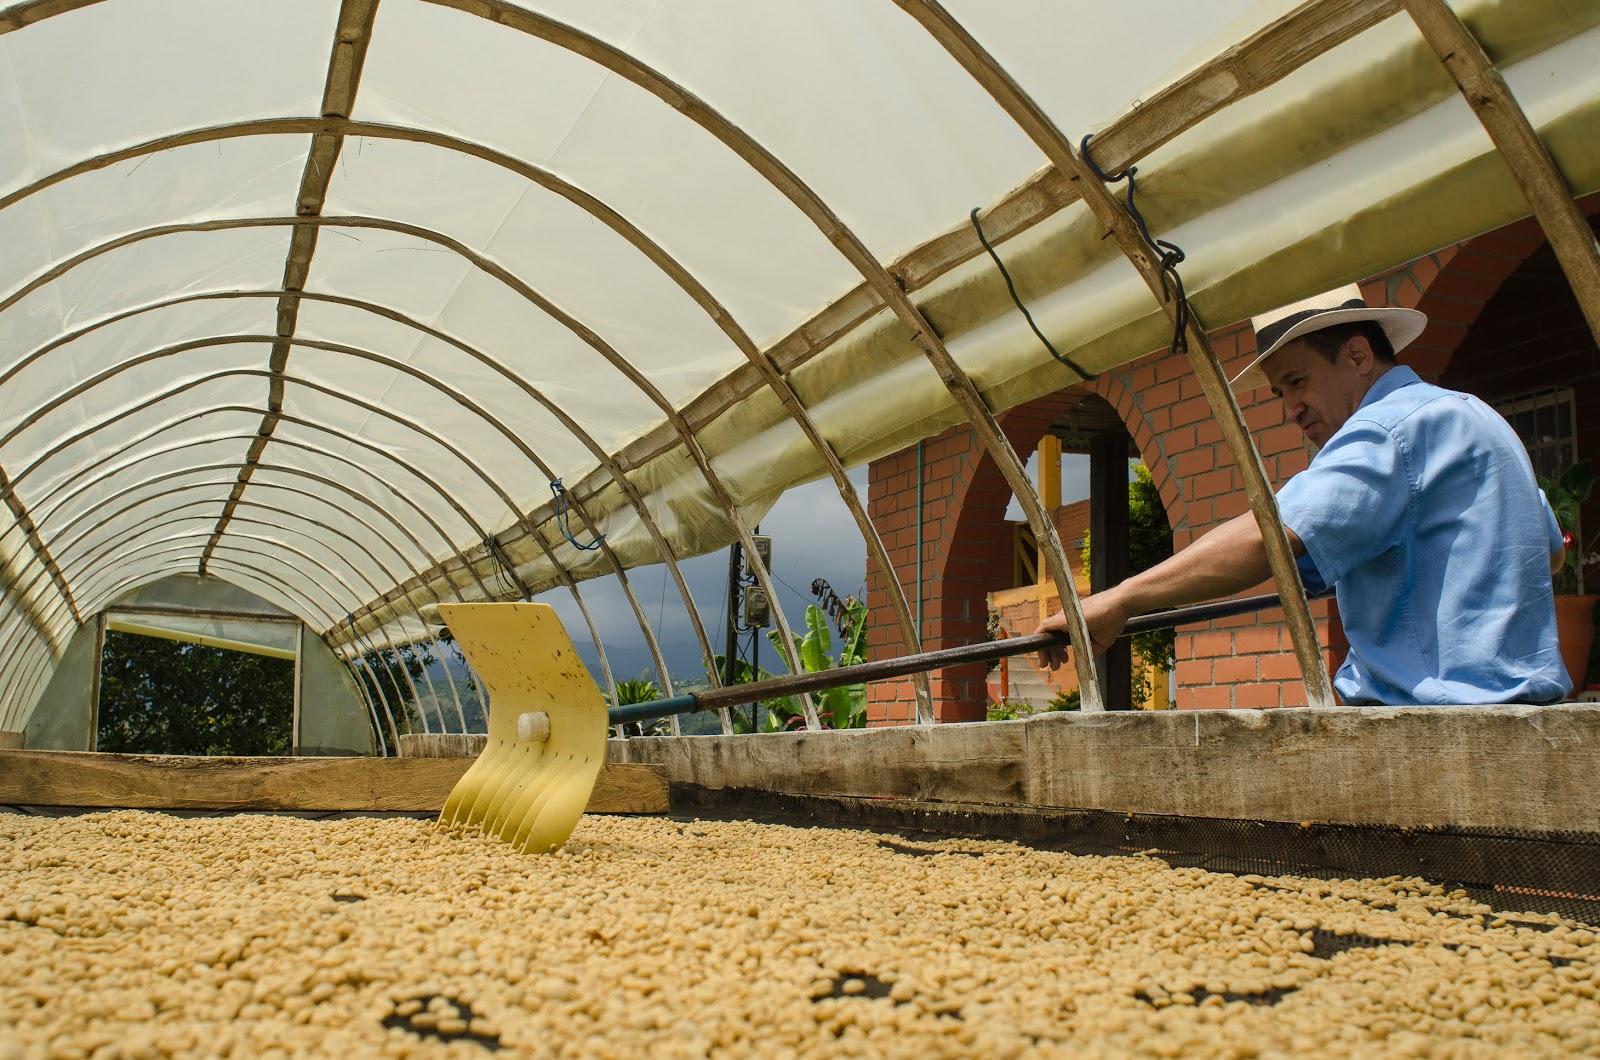 café lavado sendo revirado